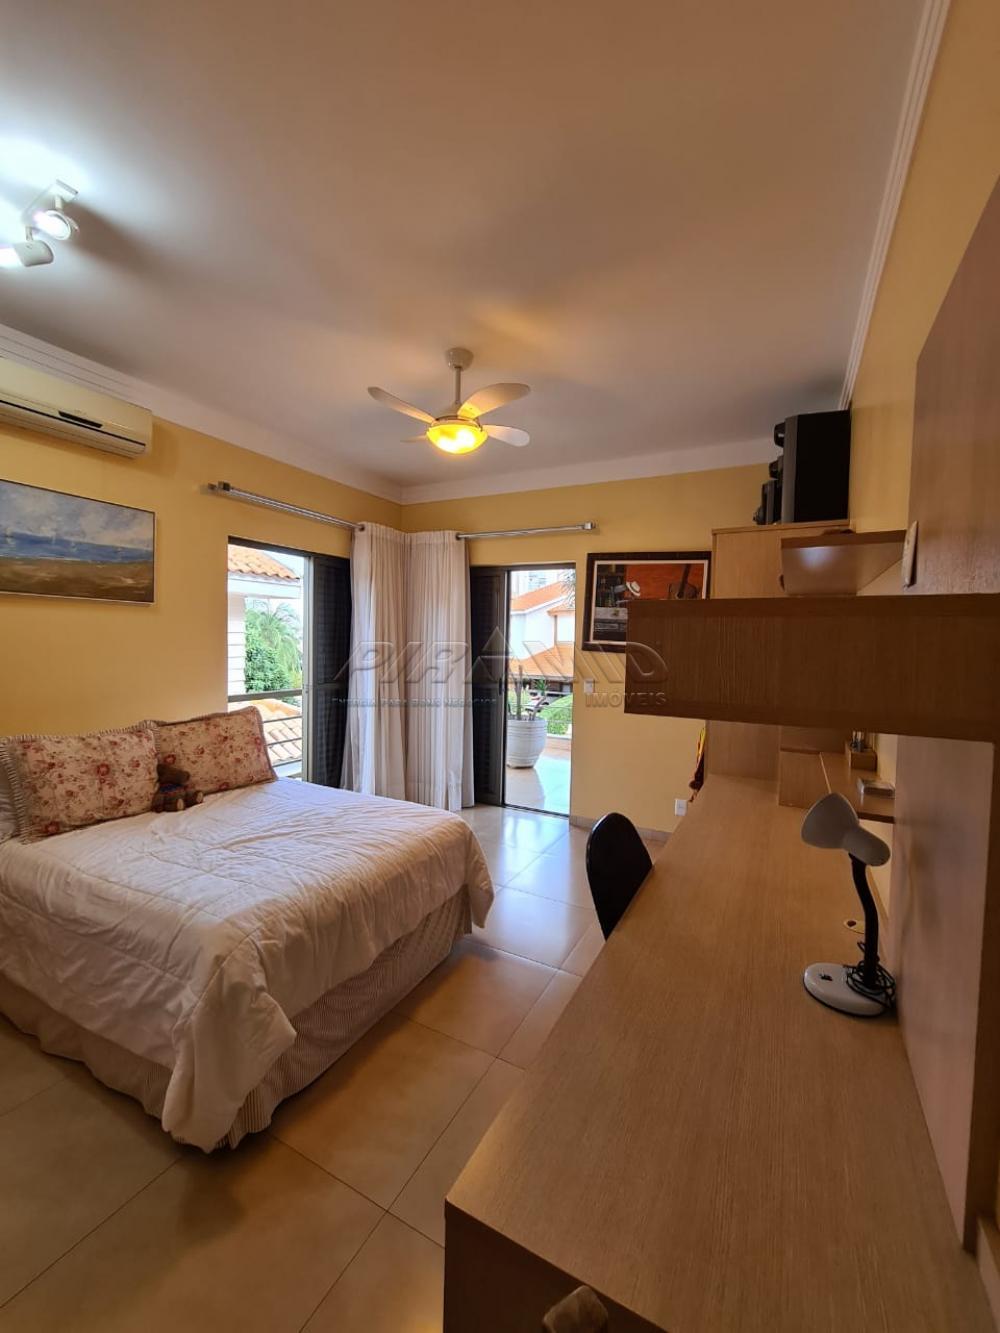 Comprar Casa / Condomínio em Ribeirão Preto R$ 2.800.000,00 - Foto 14